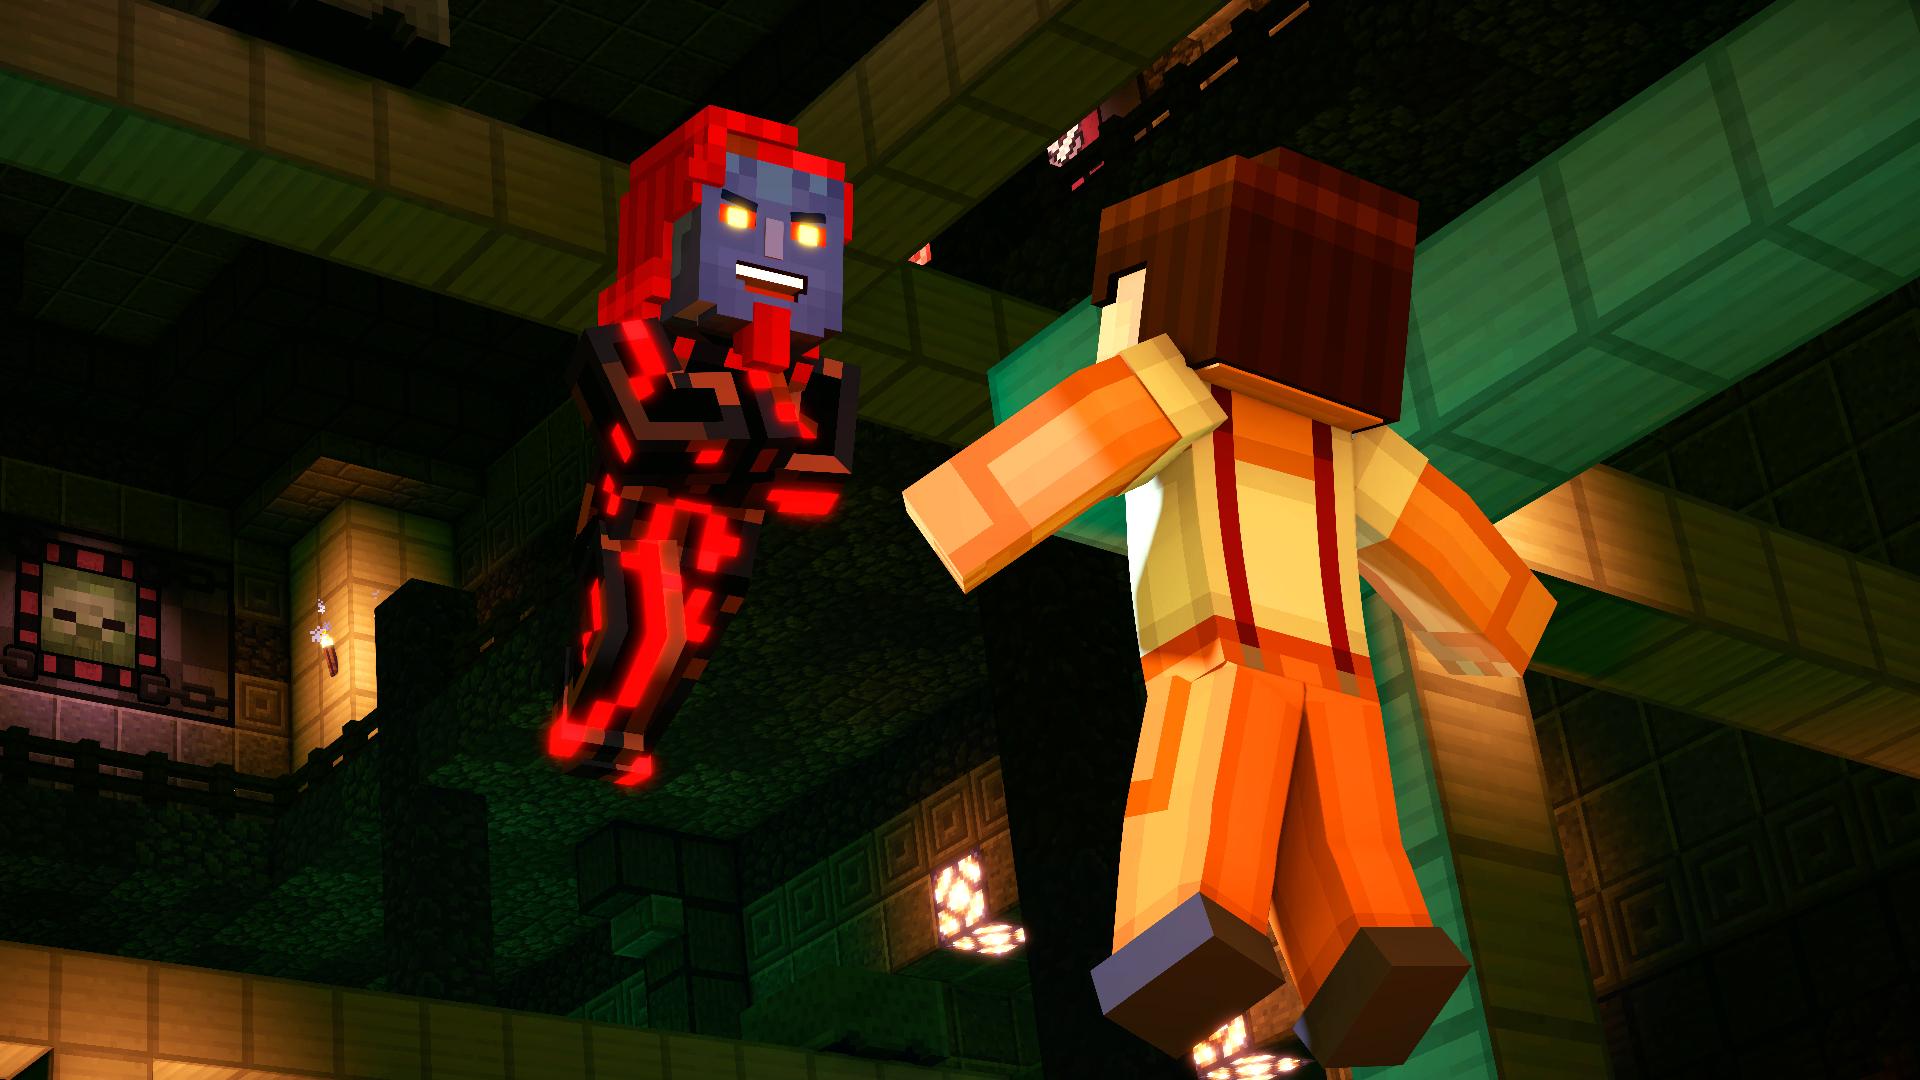 マインクラフト ストーリーモード シーズン2 本日発売 Game Watch